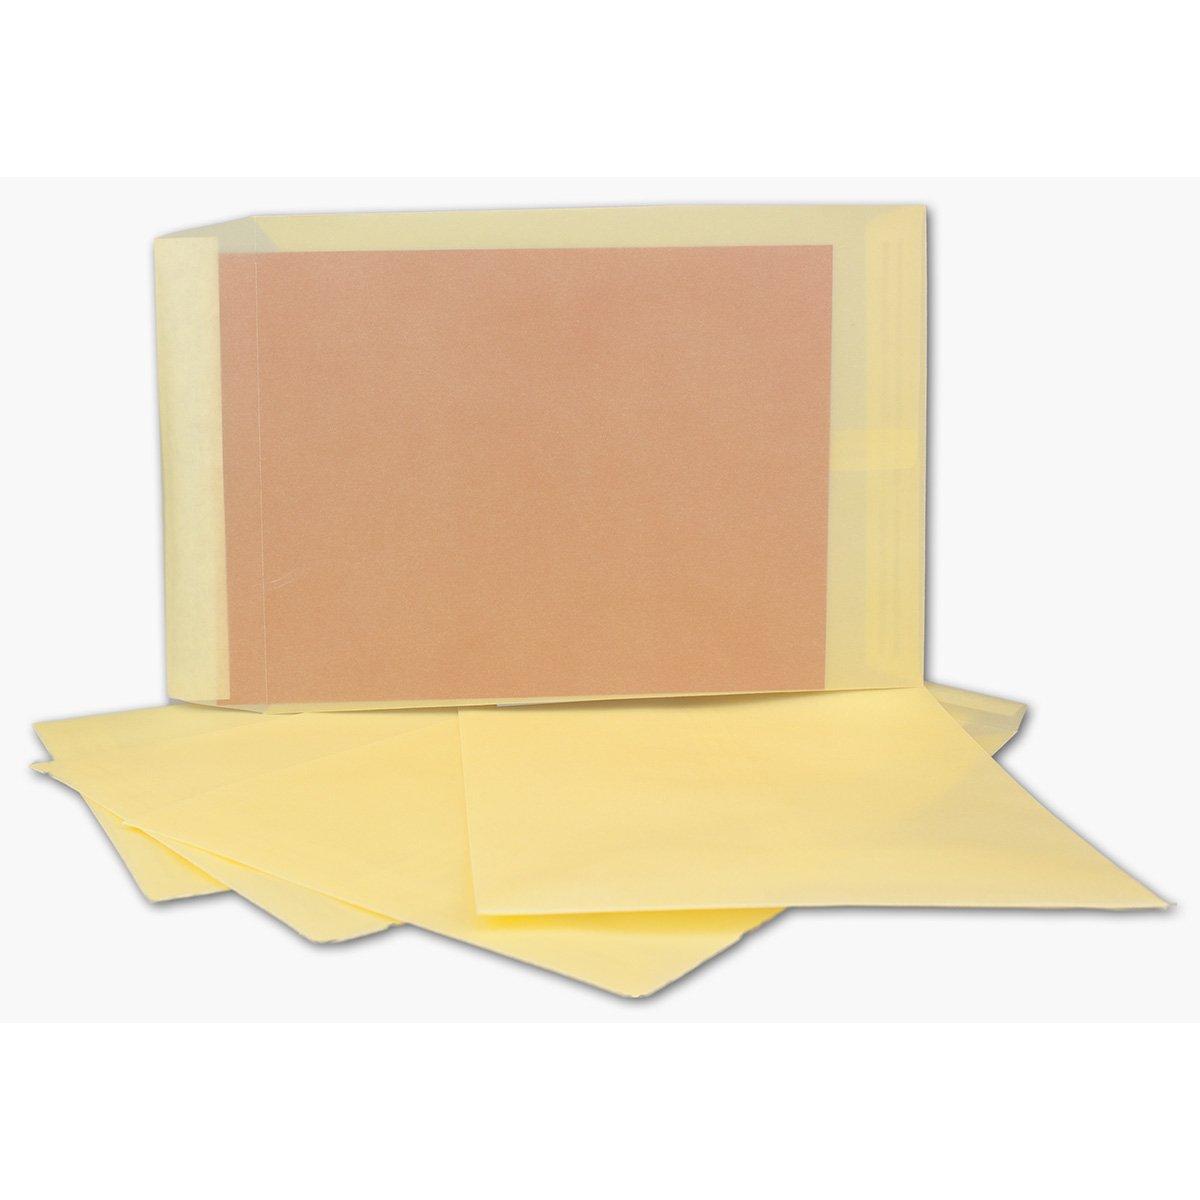 Transparente Umschläge DIN C5   200 Stück     Pastell-Orange-transparent mit seitlicher Verschlusslasche   Haftklebung   162 x 229 mm   Moderne Umschläge für Einladungen, Promotions, Giveaways B07JN9K3NS | Up-to-date-styling  5381d9